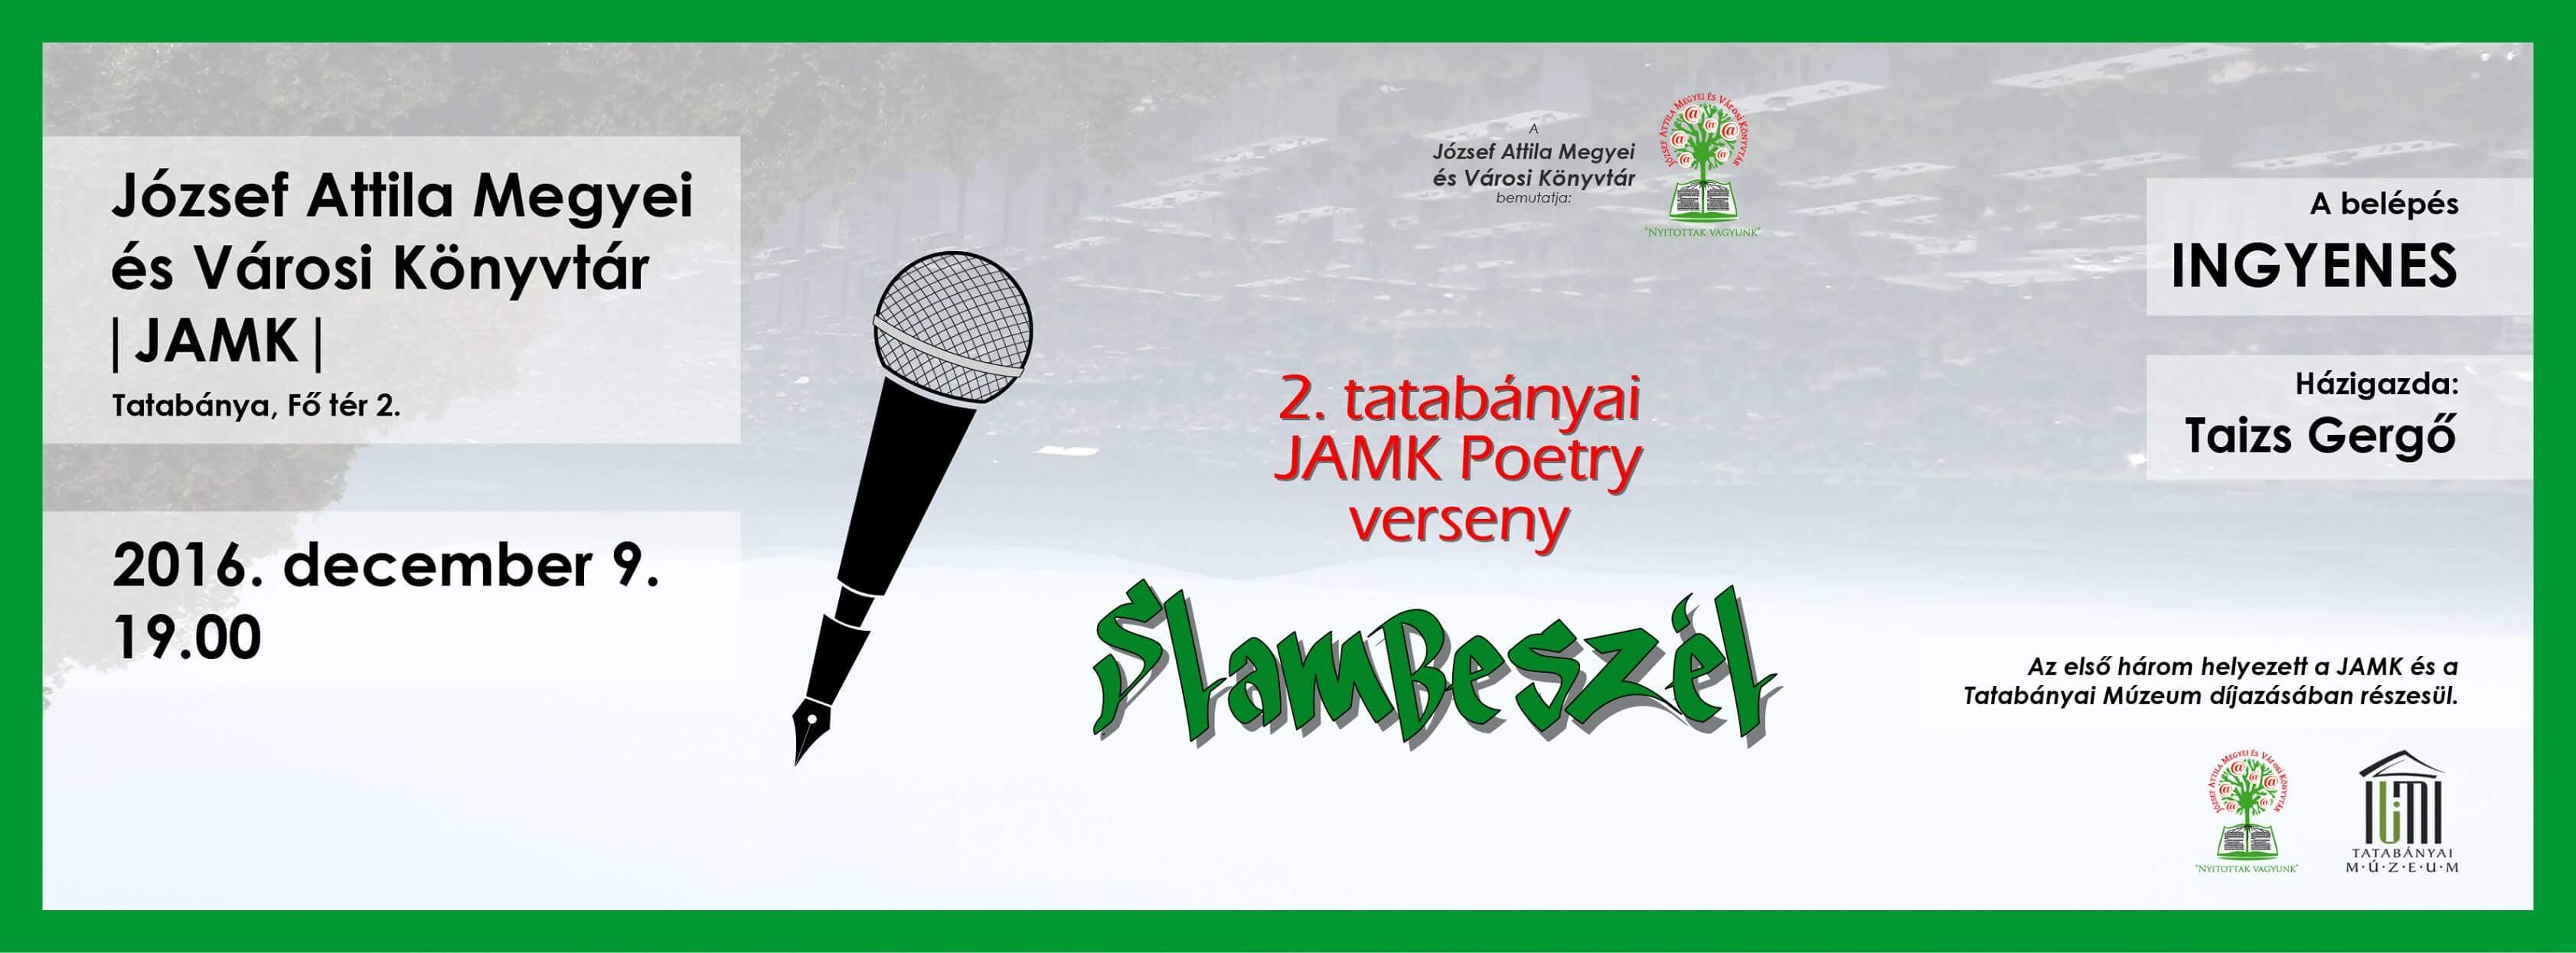 SlamBeszél – 2. JAMK Poetry